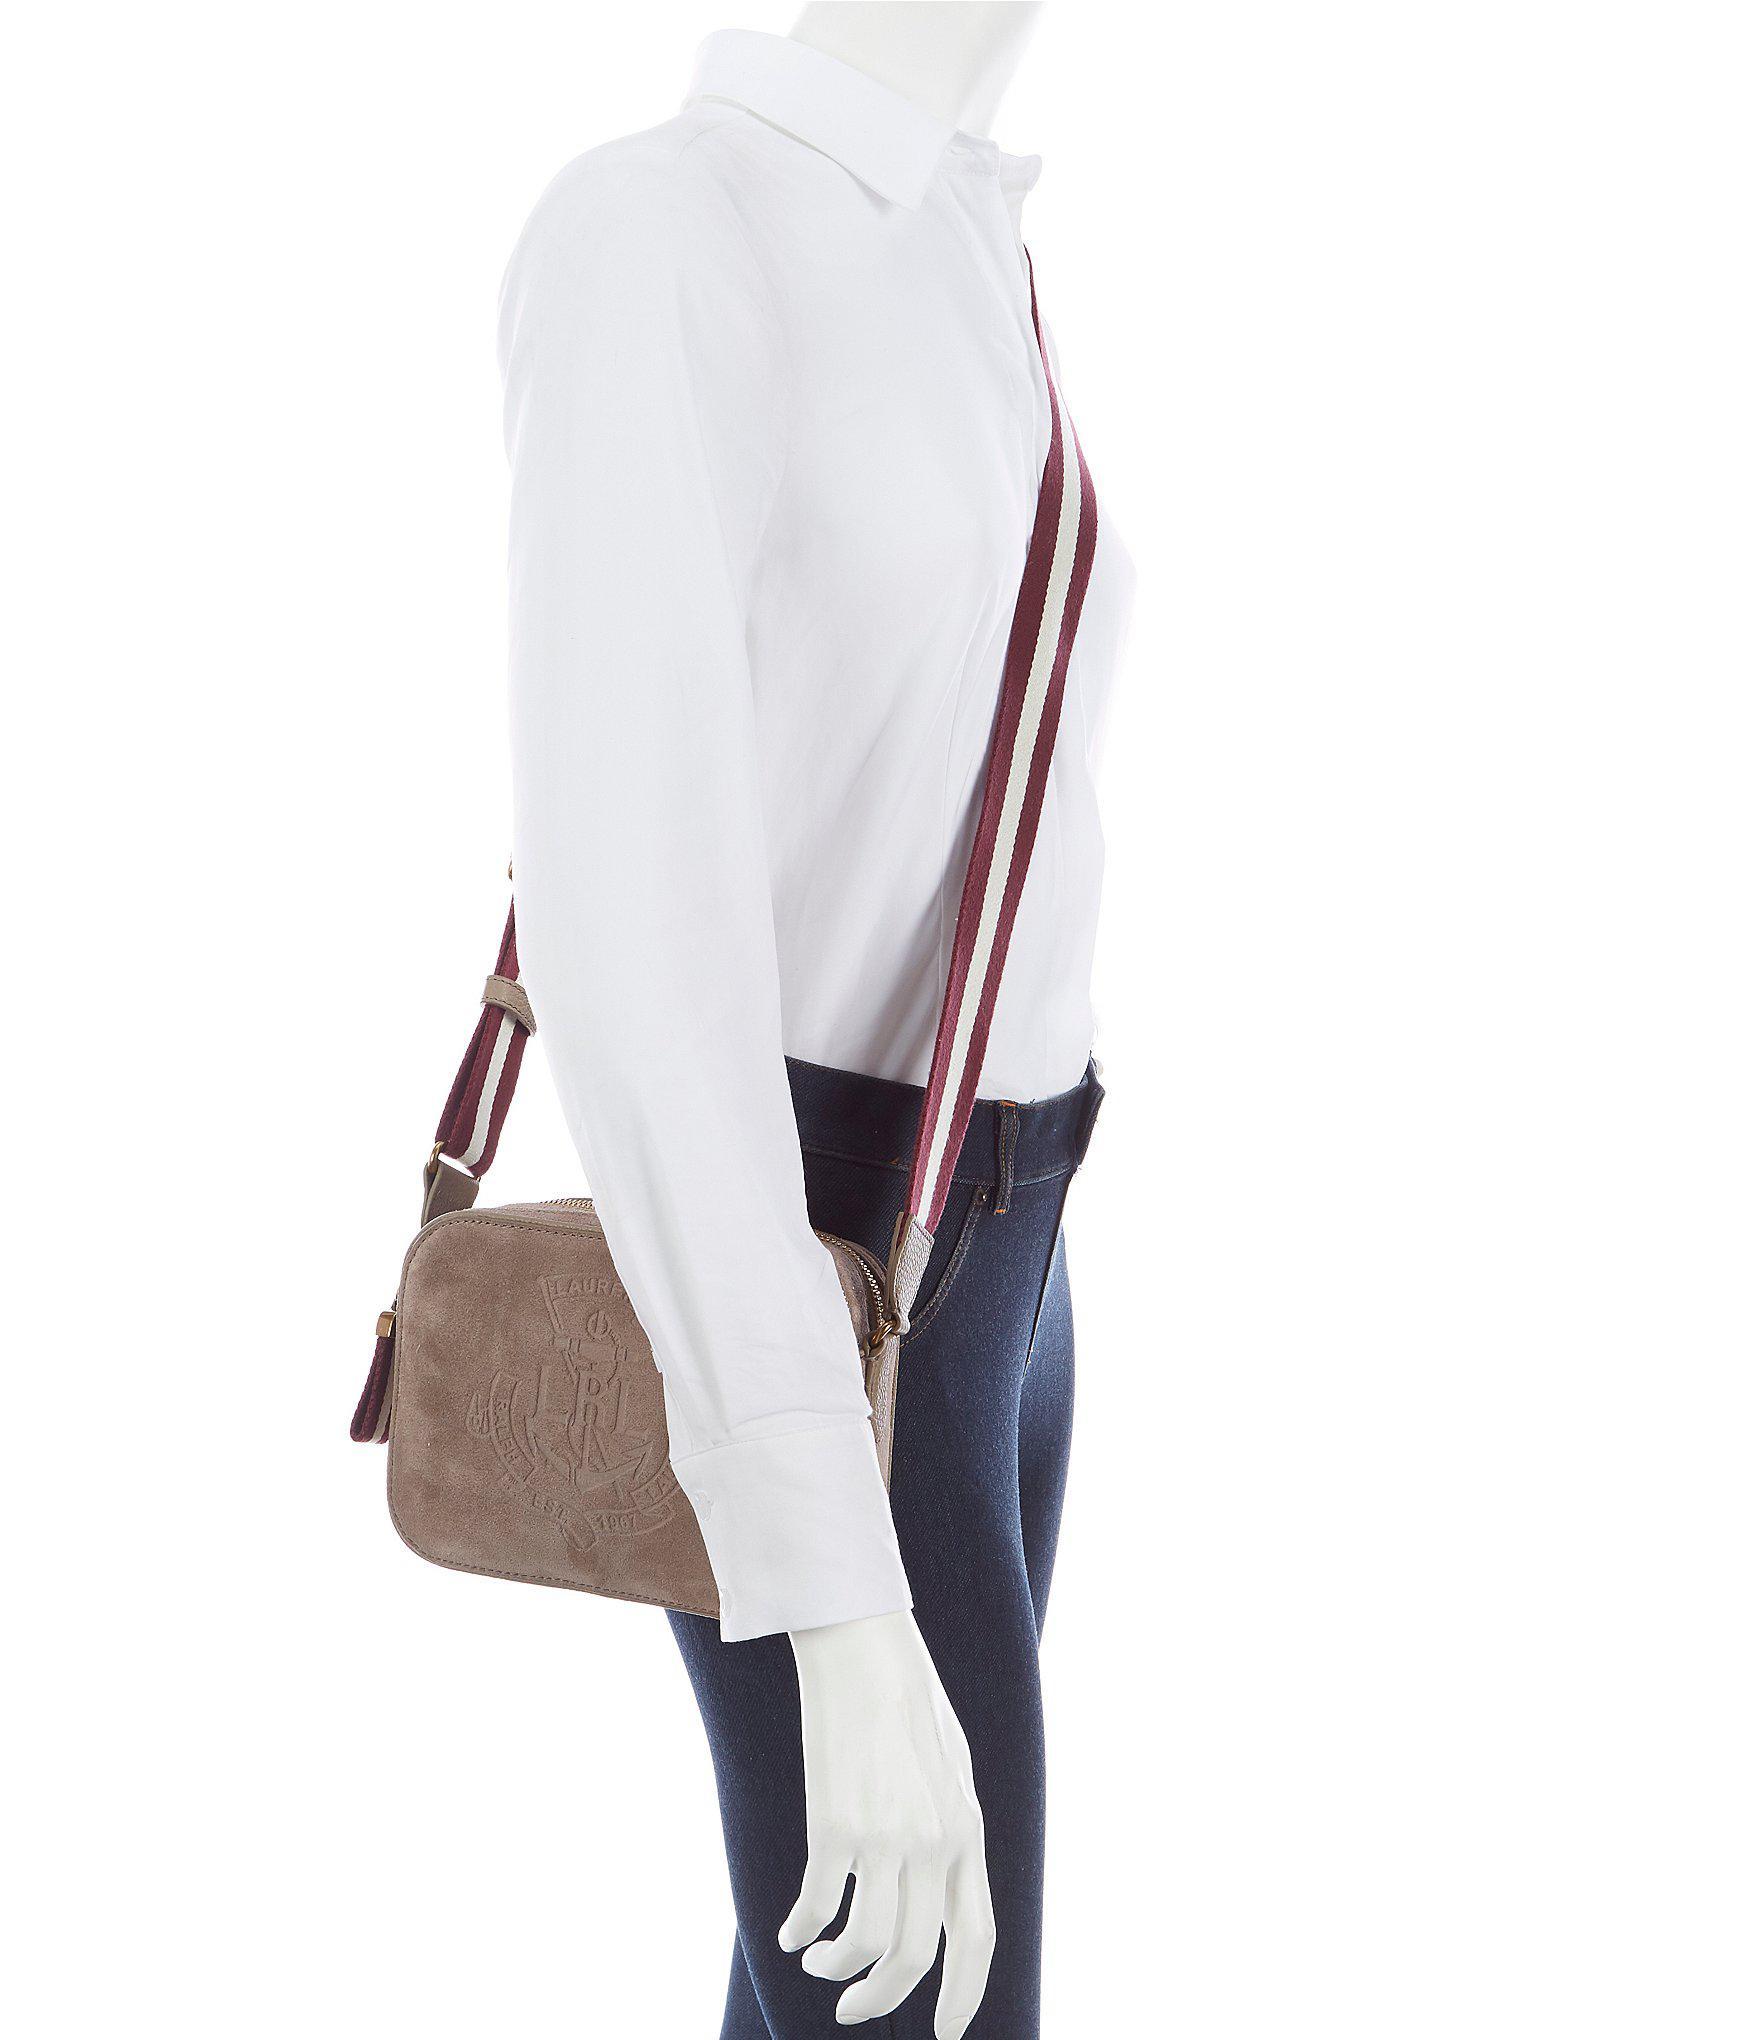 Lyst - Lauren by Ralph Lauren Huntley Suede Cross-body Bag 69a8f7b897